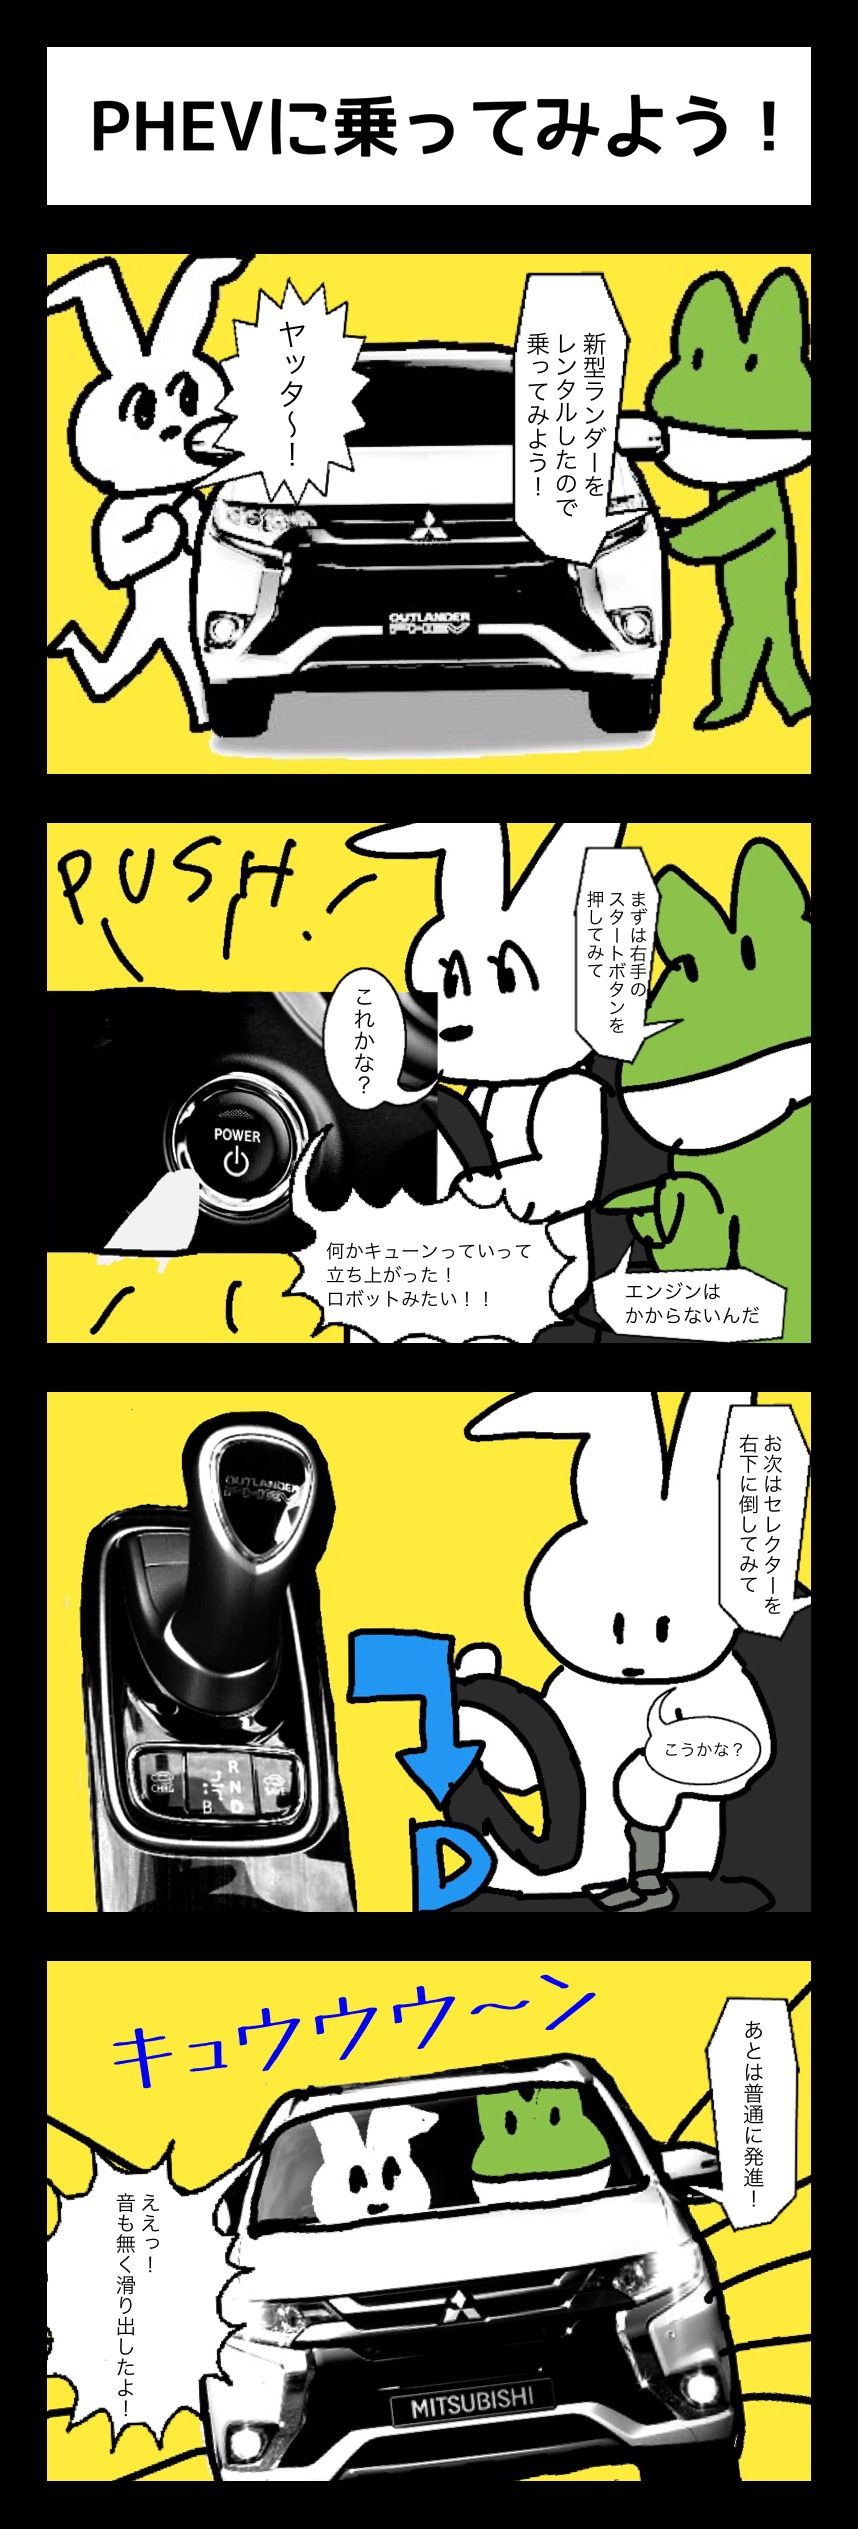 PHEV鳥獣戯画 その③「PHEVに乗ってみよう!」